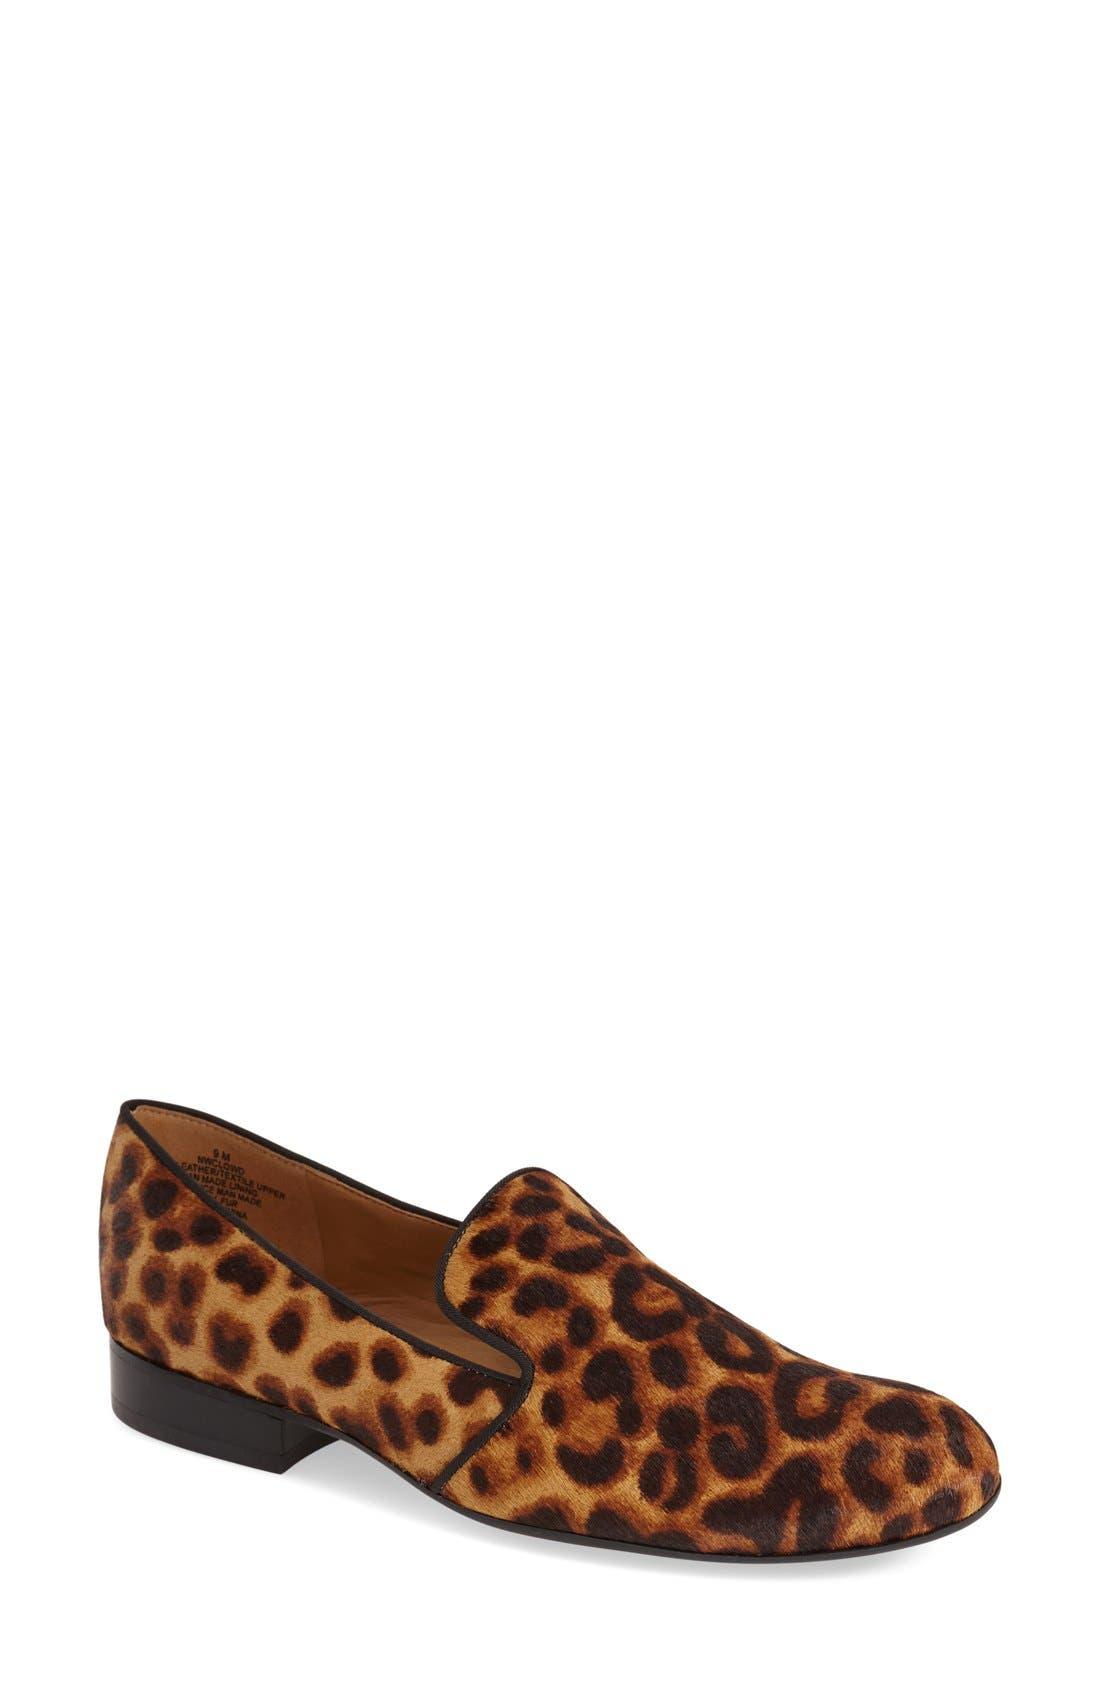 Main Image - Nine West 'Clowd'RoundToe Loafer (Women)